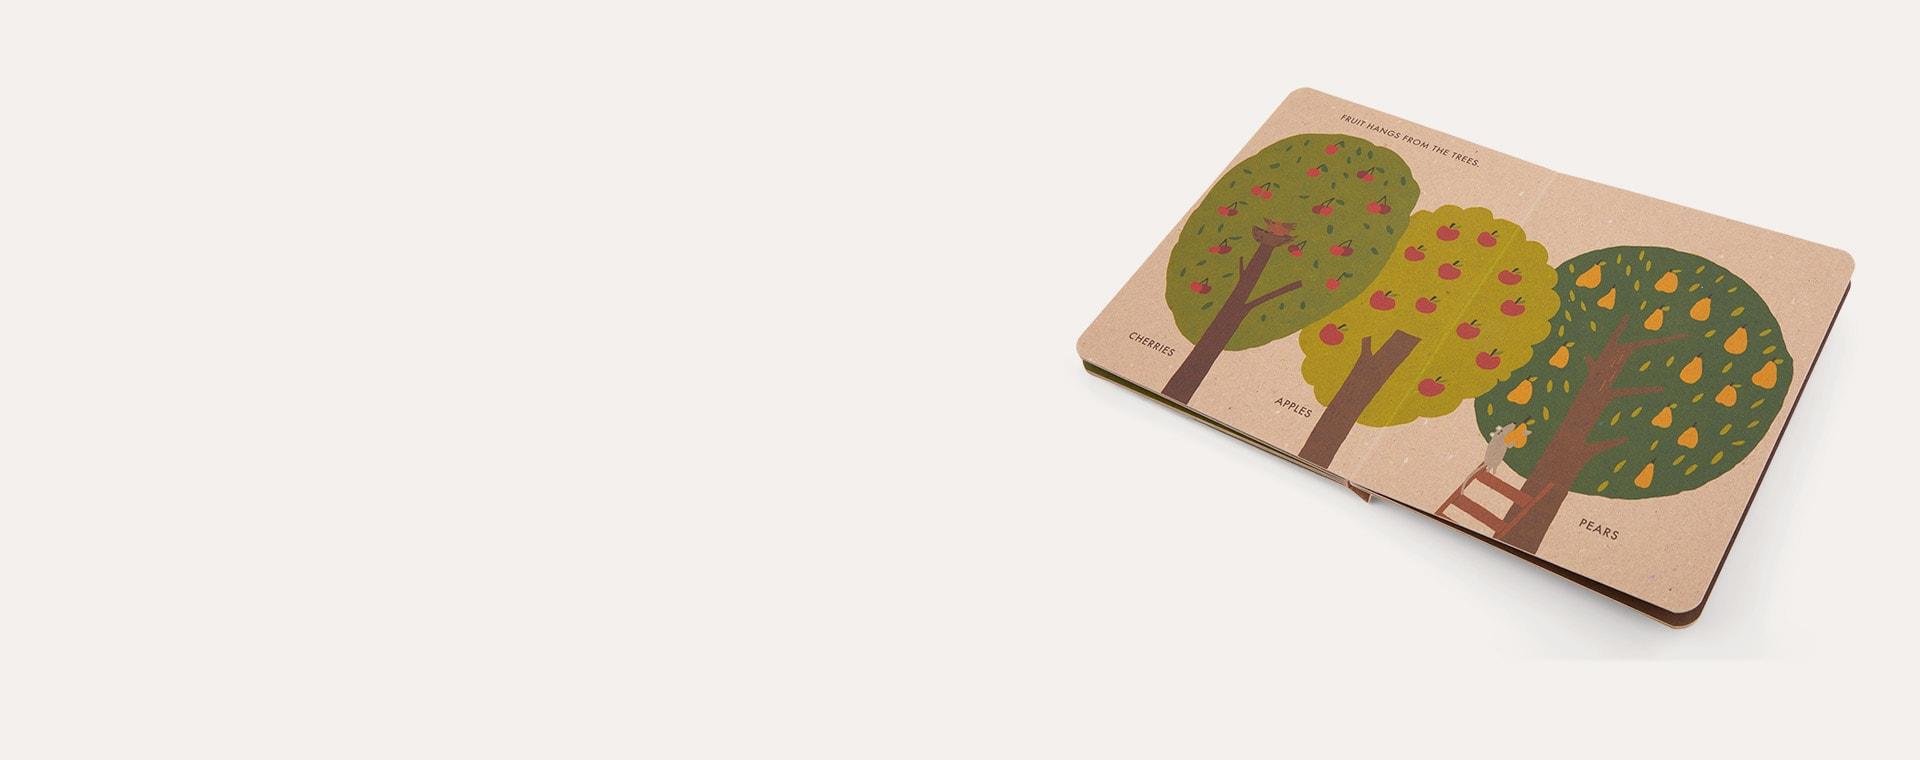 Green bookspeed My Little Garden